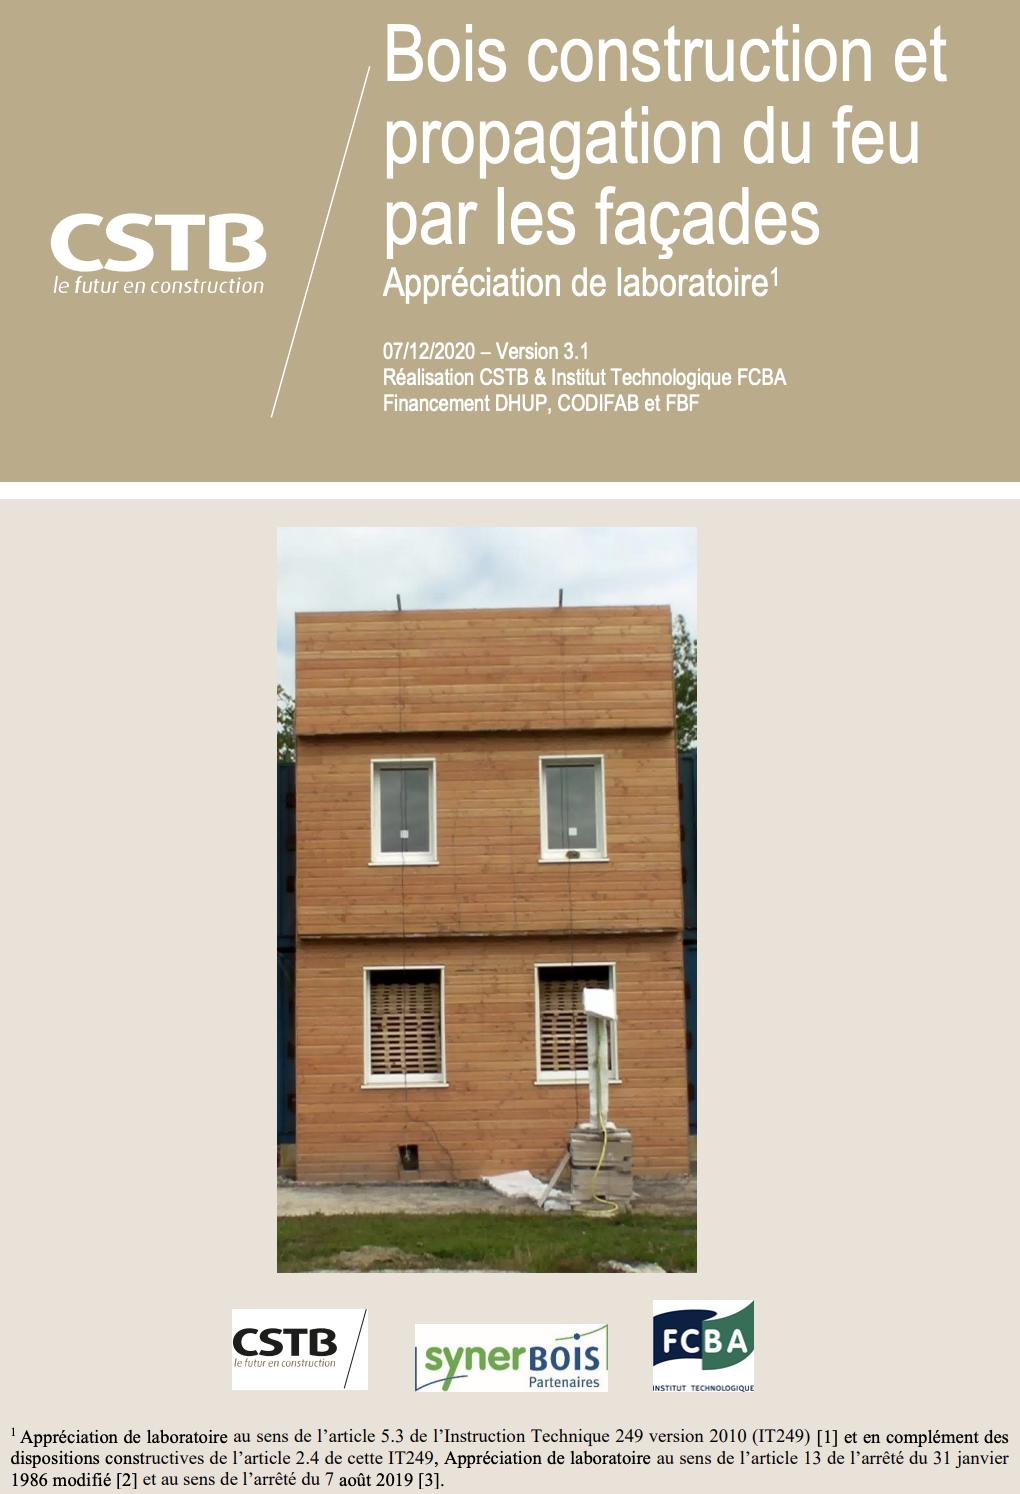 version V3 du guide du CTSB Bois construction et propagation du feu par les façades